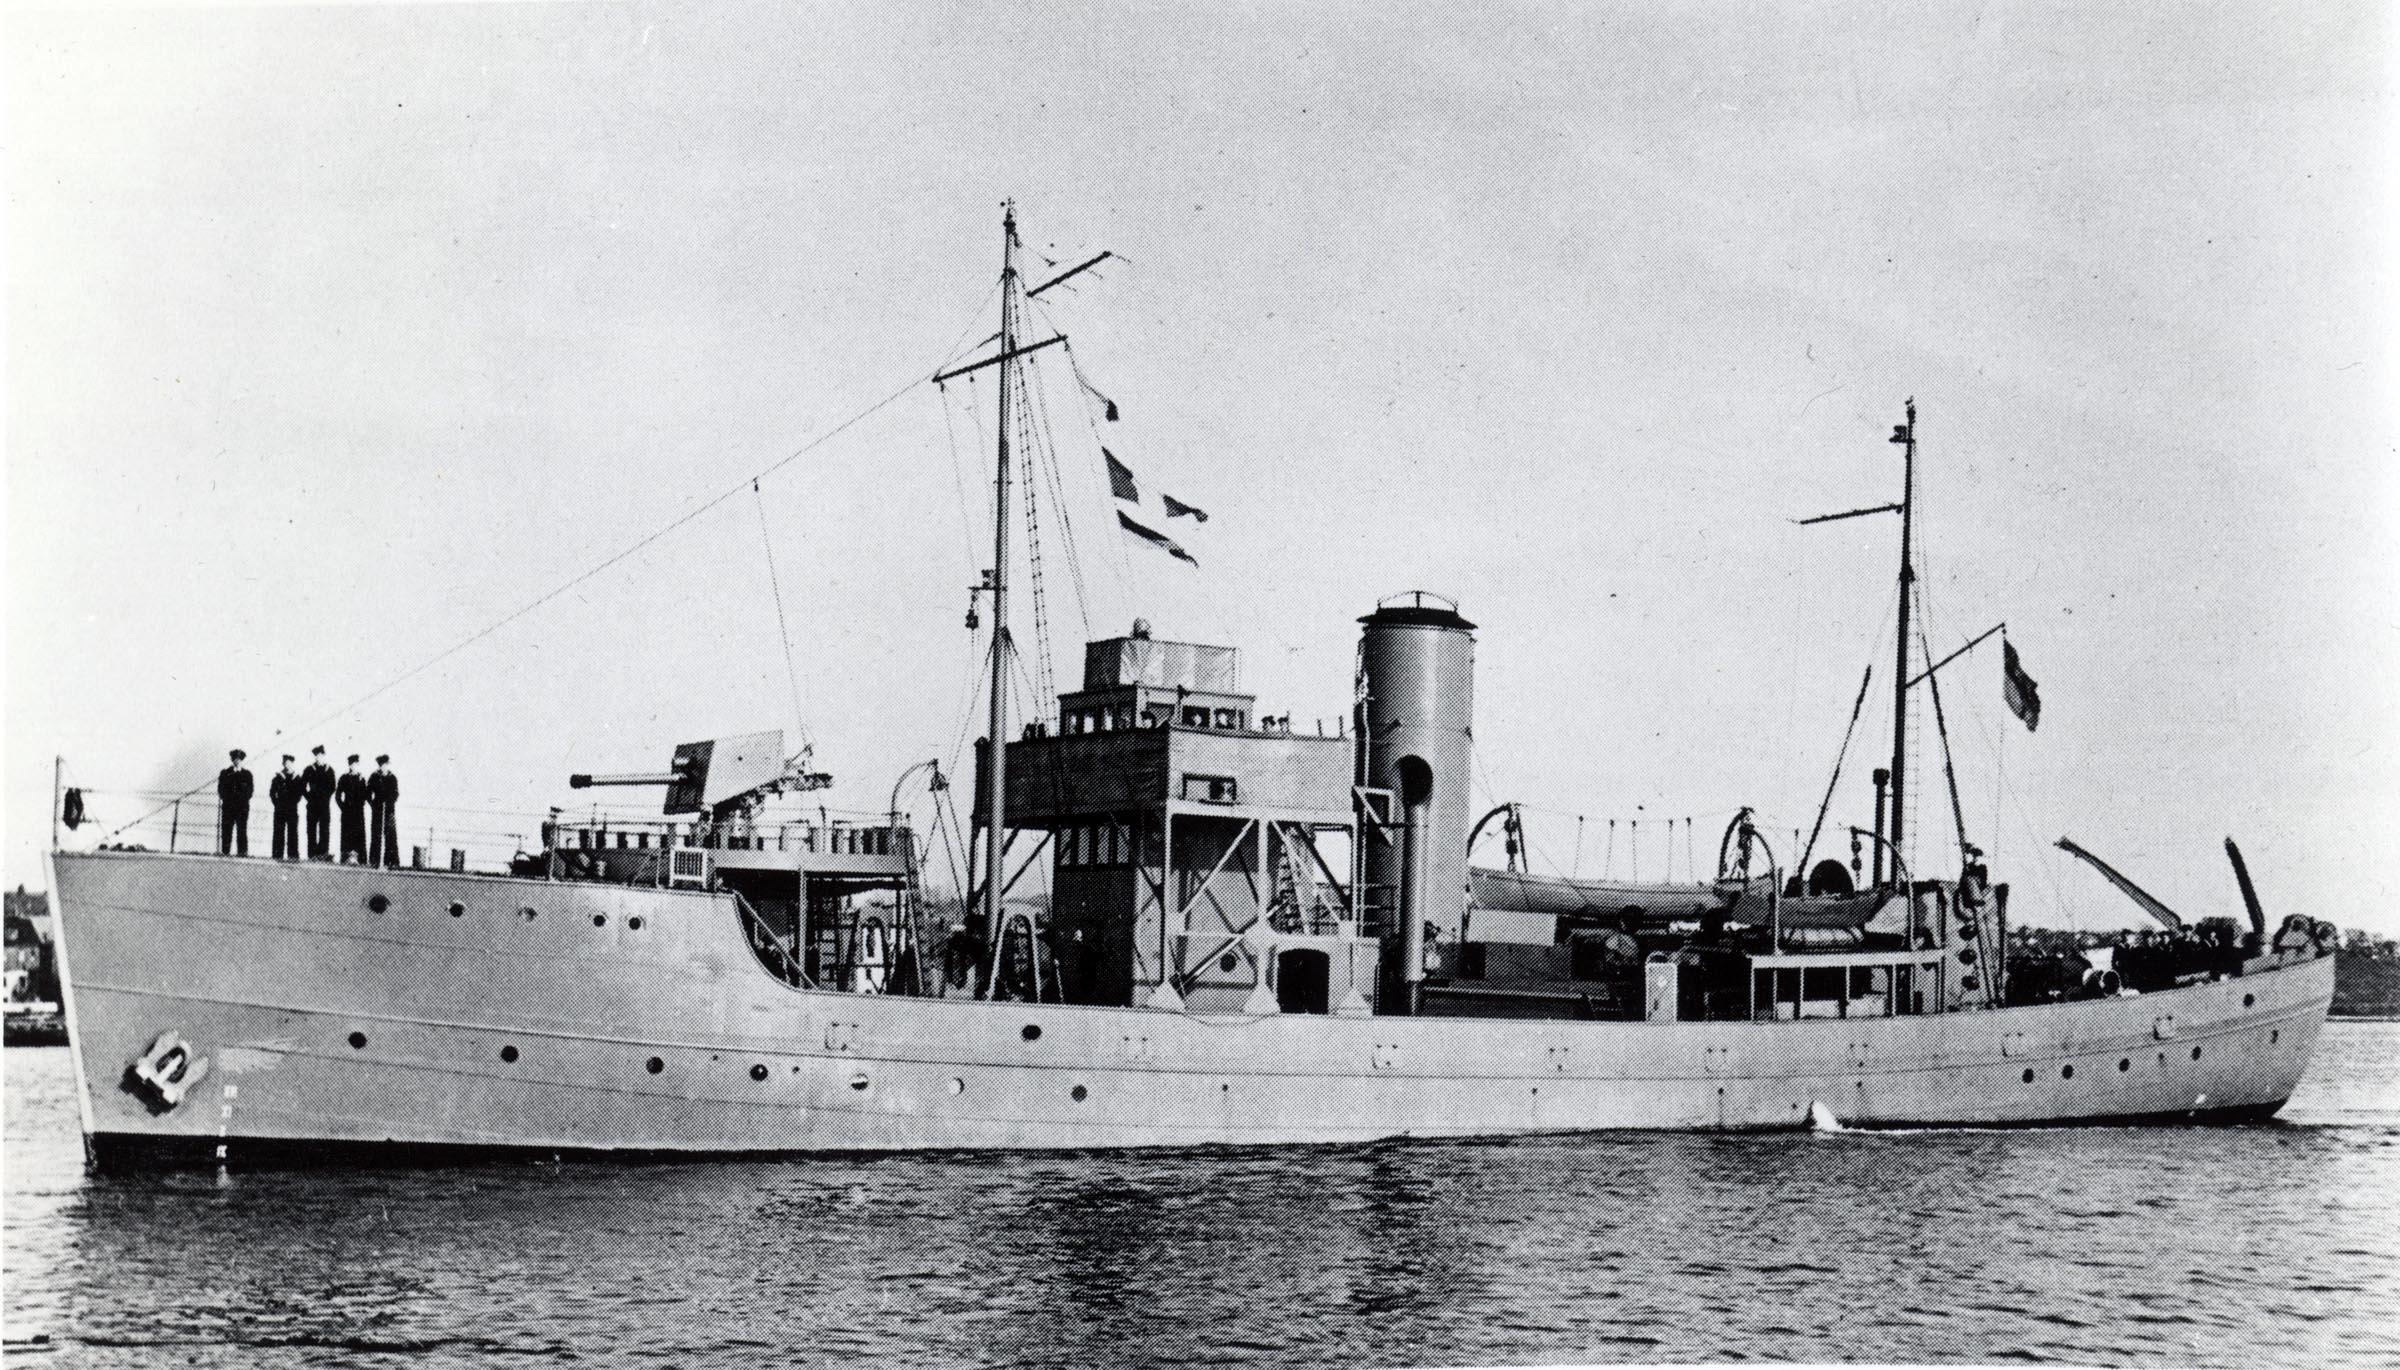 HMCS GASPE (1st)